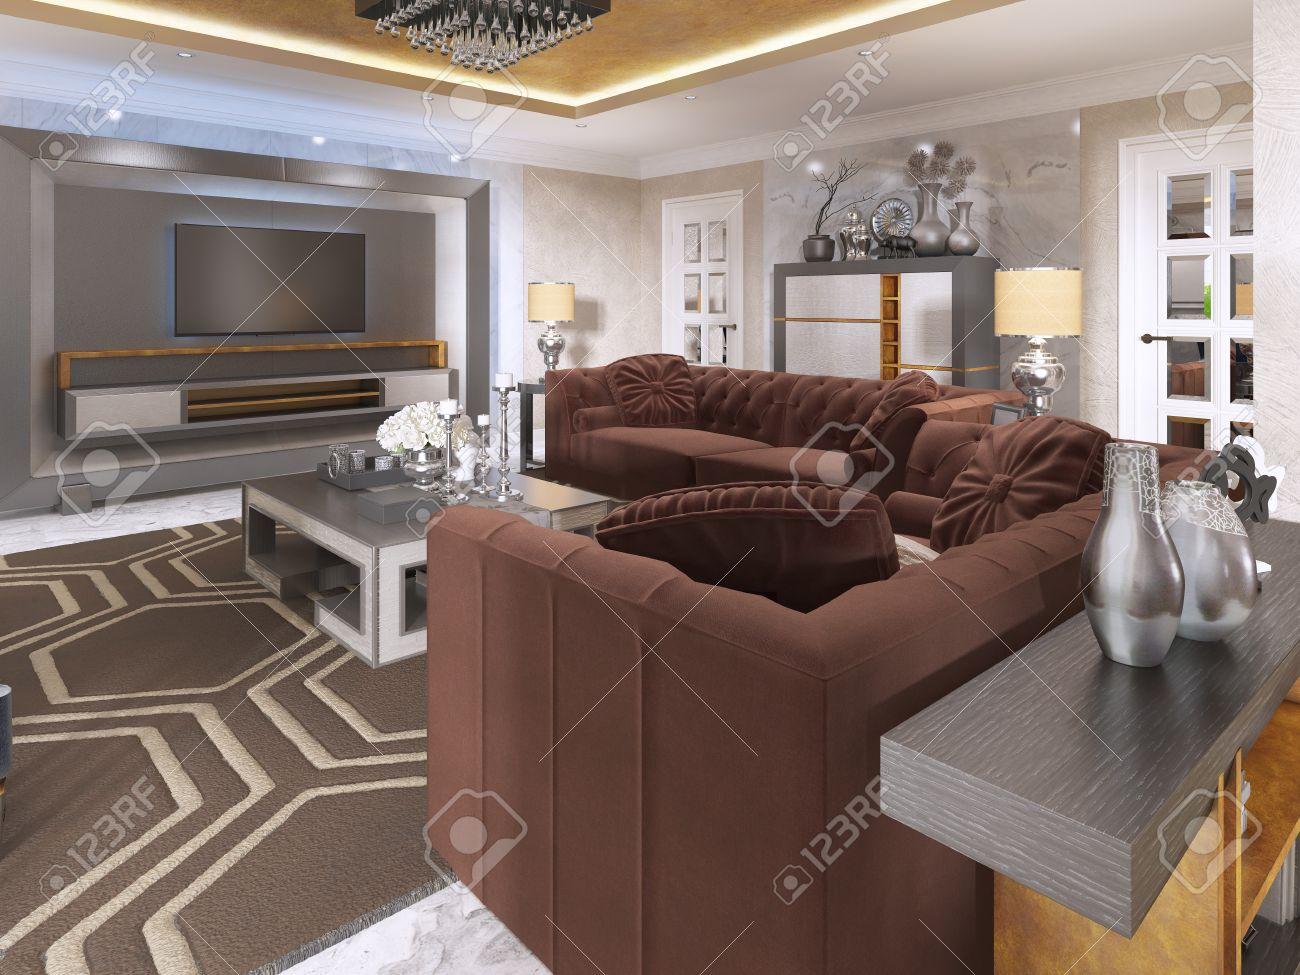 Lussuoso soggiorno in stile art déco con divani viola e poltrona e